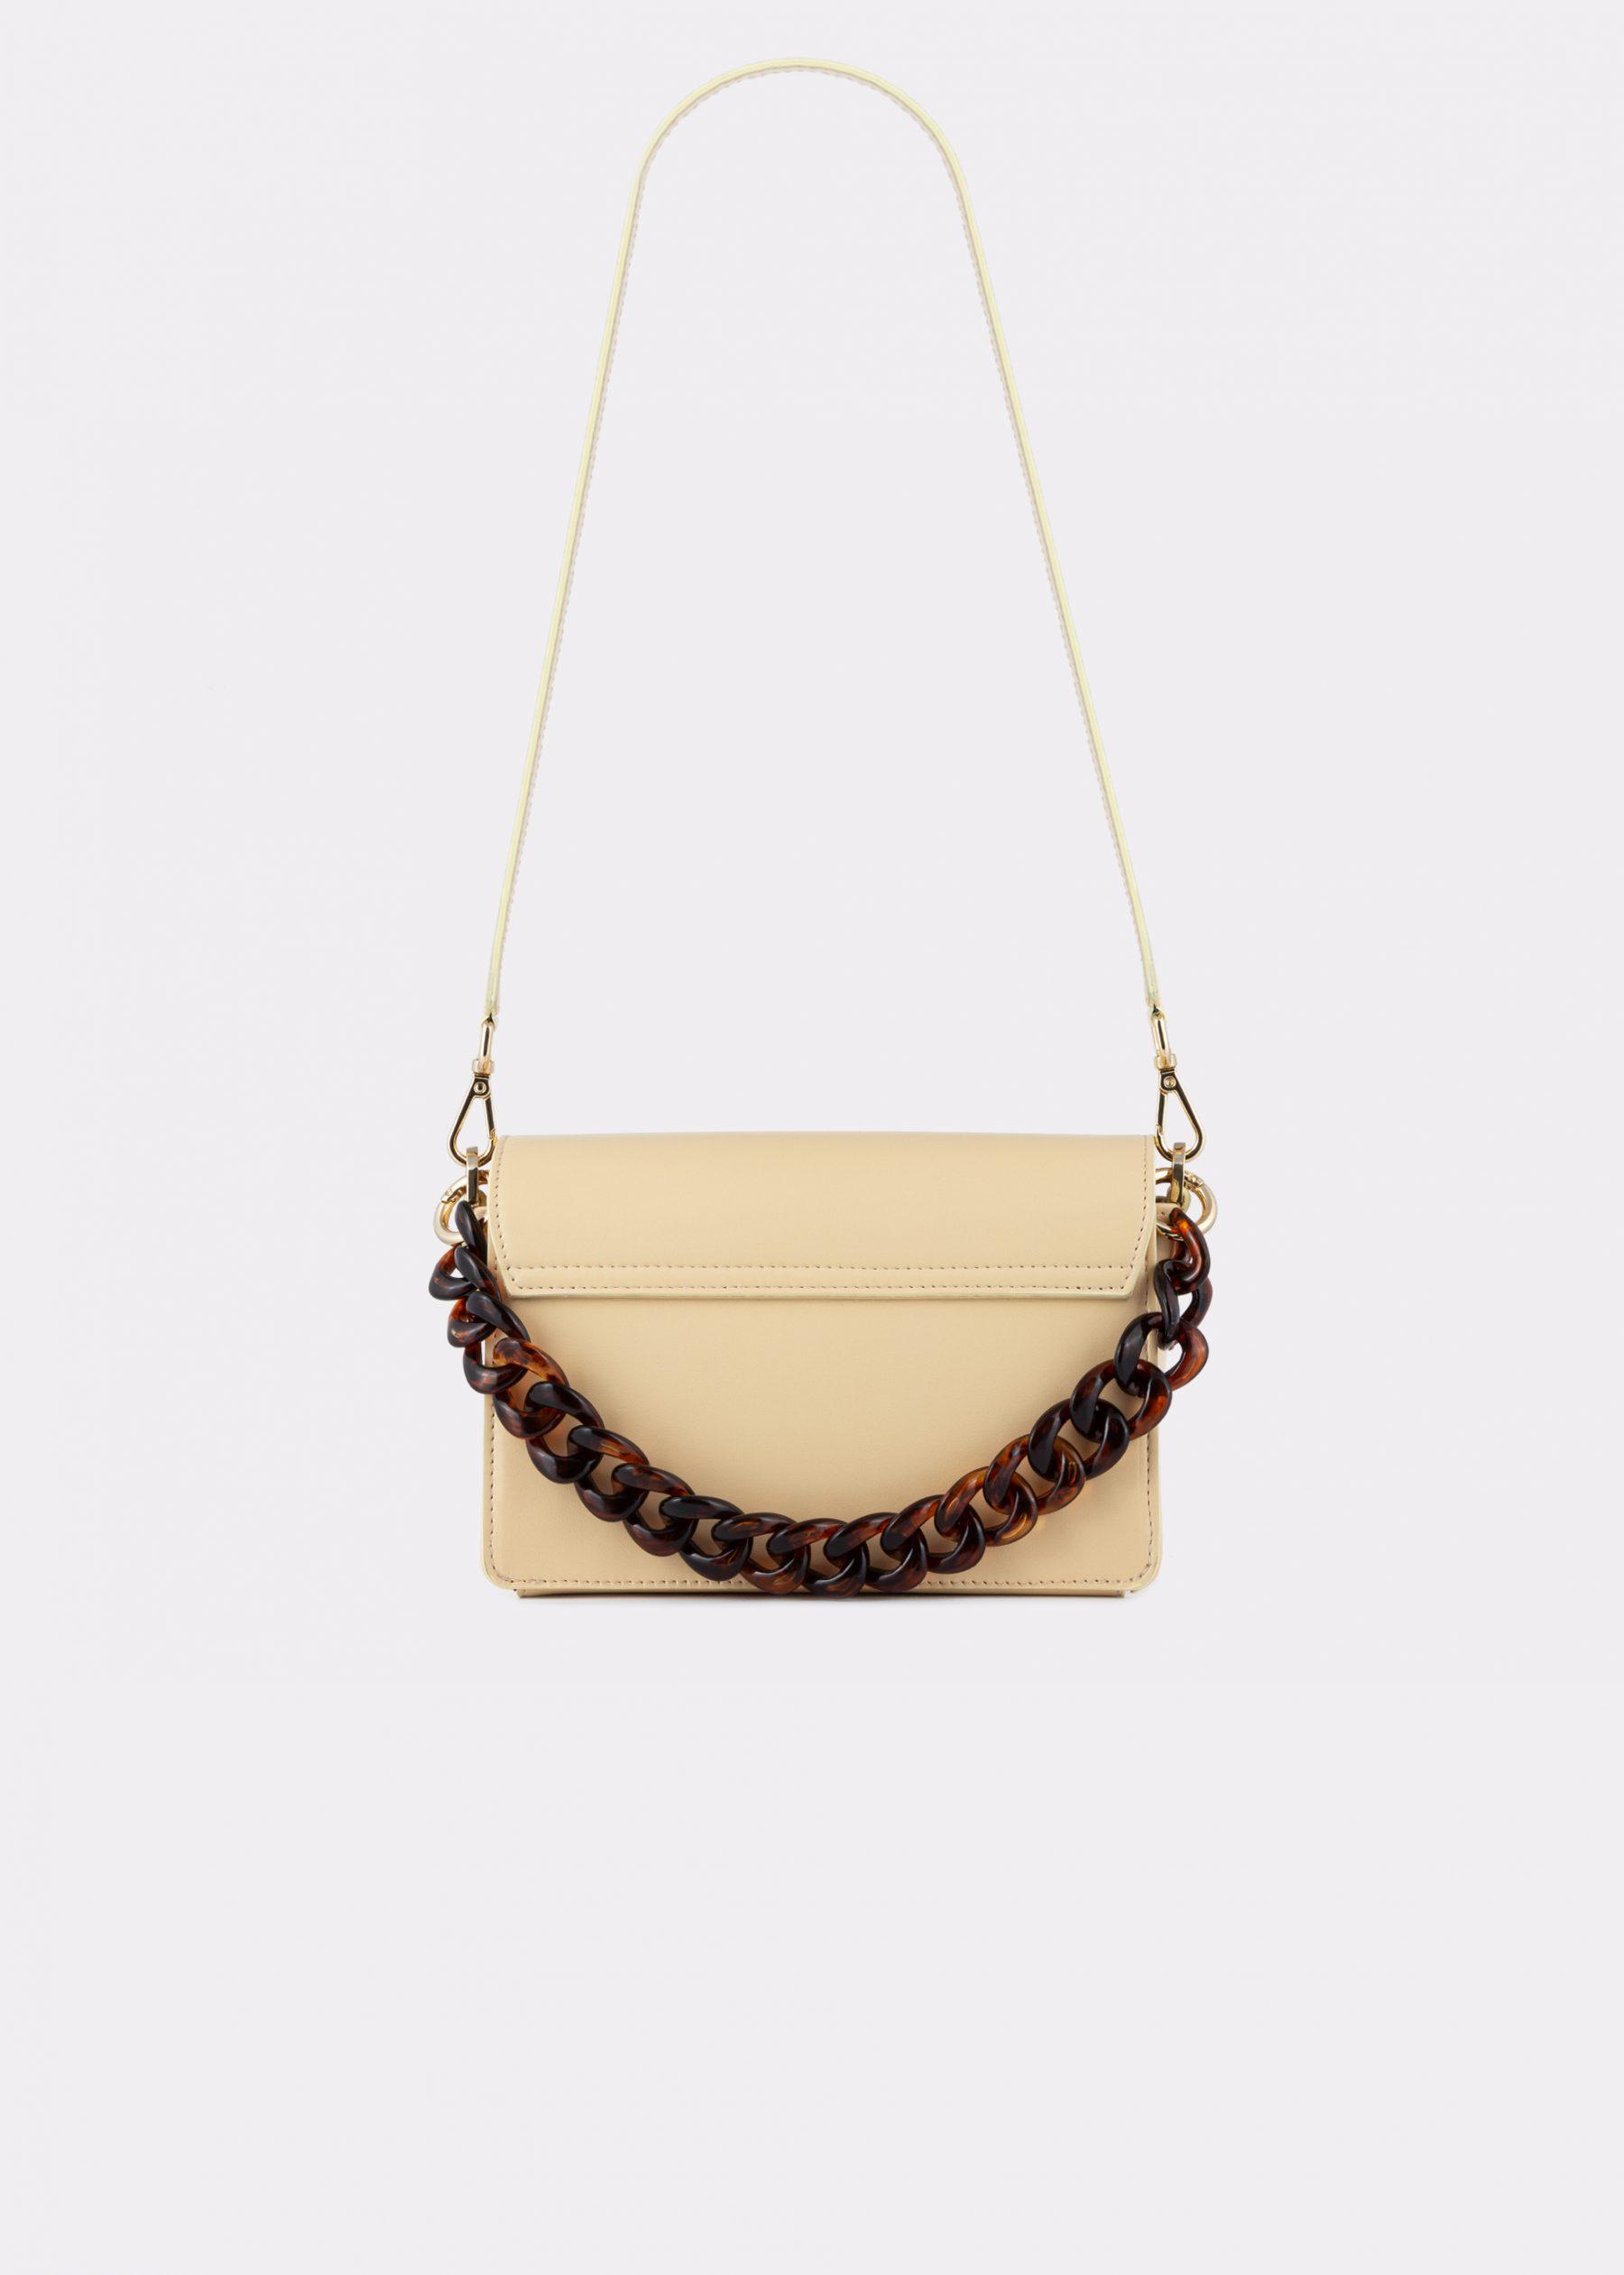 NIDO Cuore Mini bag Vanilla back view